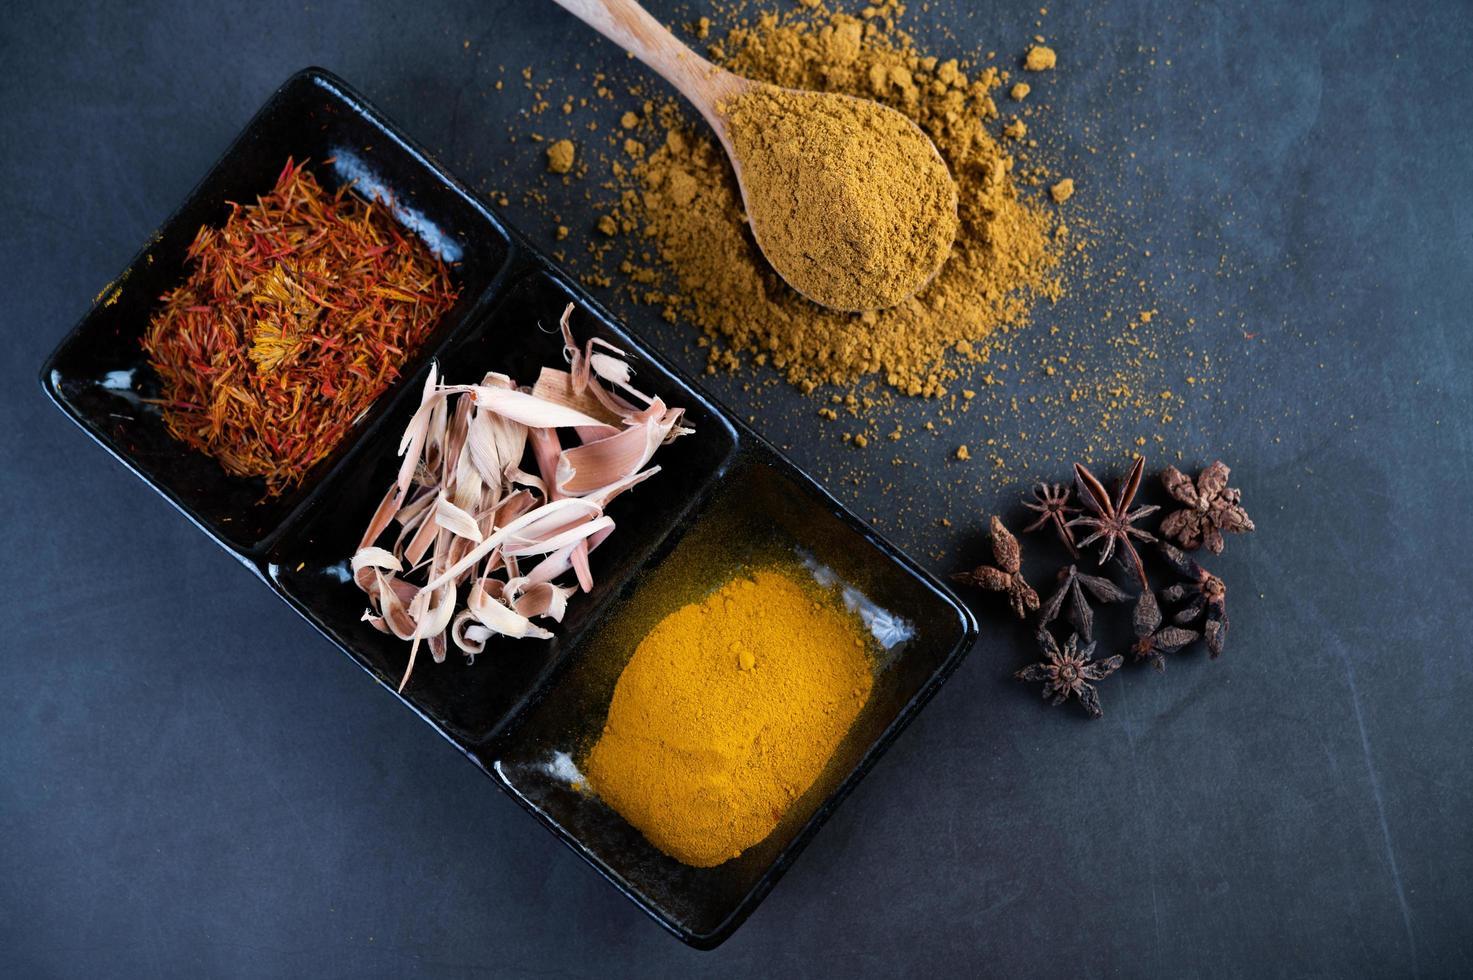 épices sur une surface de cuisine grise photo